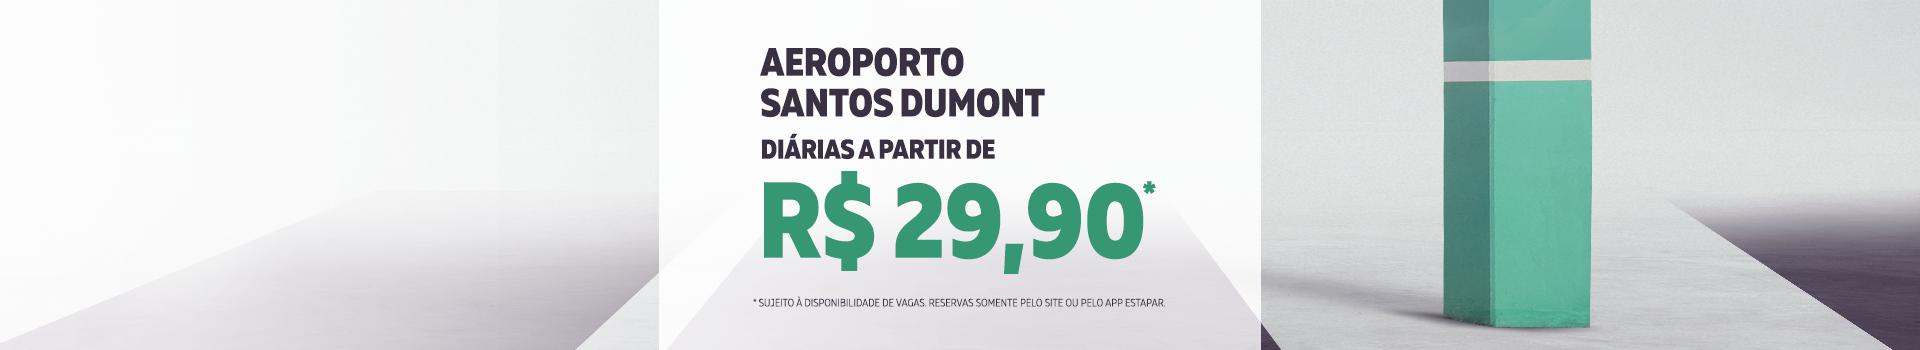 Diárias a partir de R$29,90 no estacionamento oficial do Aeroporto Santos Dumont (SDU) no Rio de Janeiro..